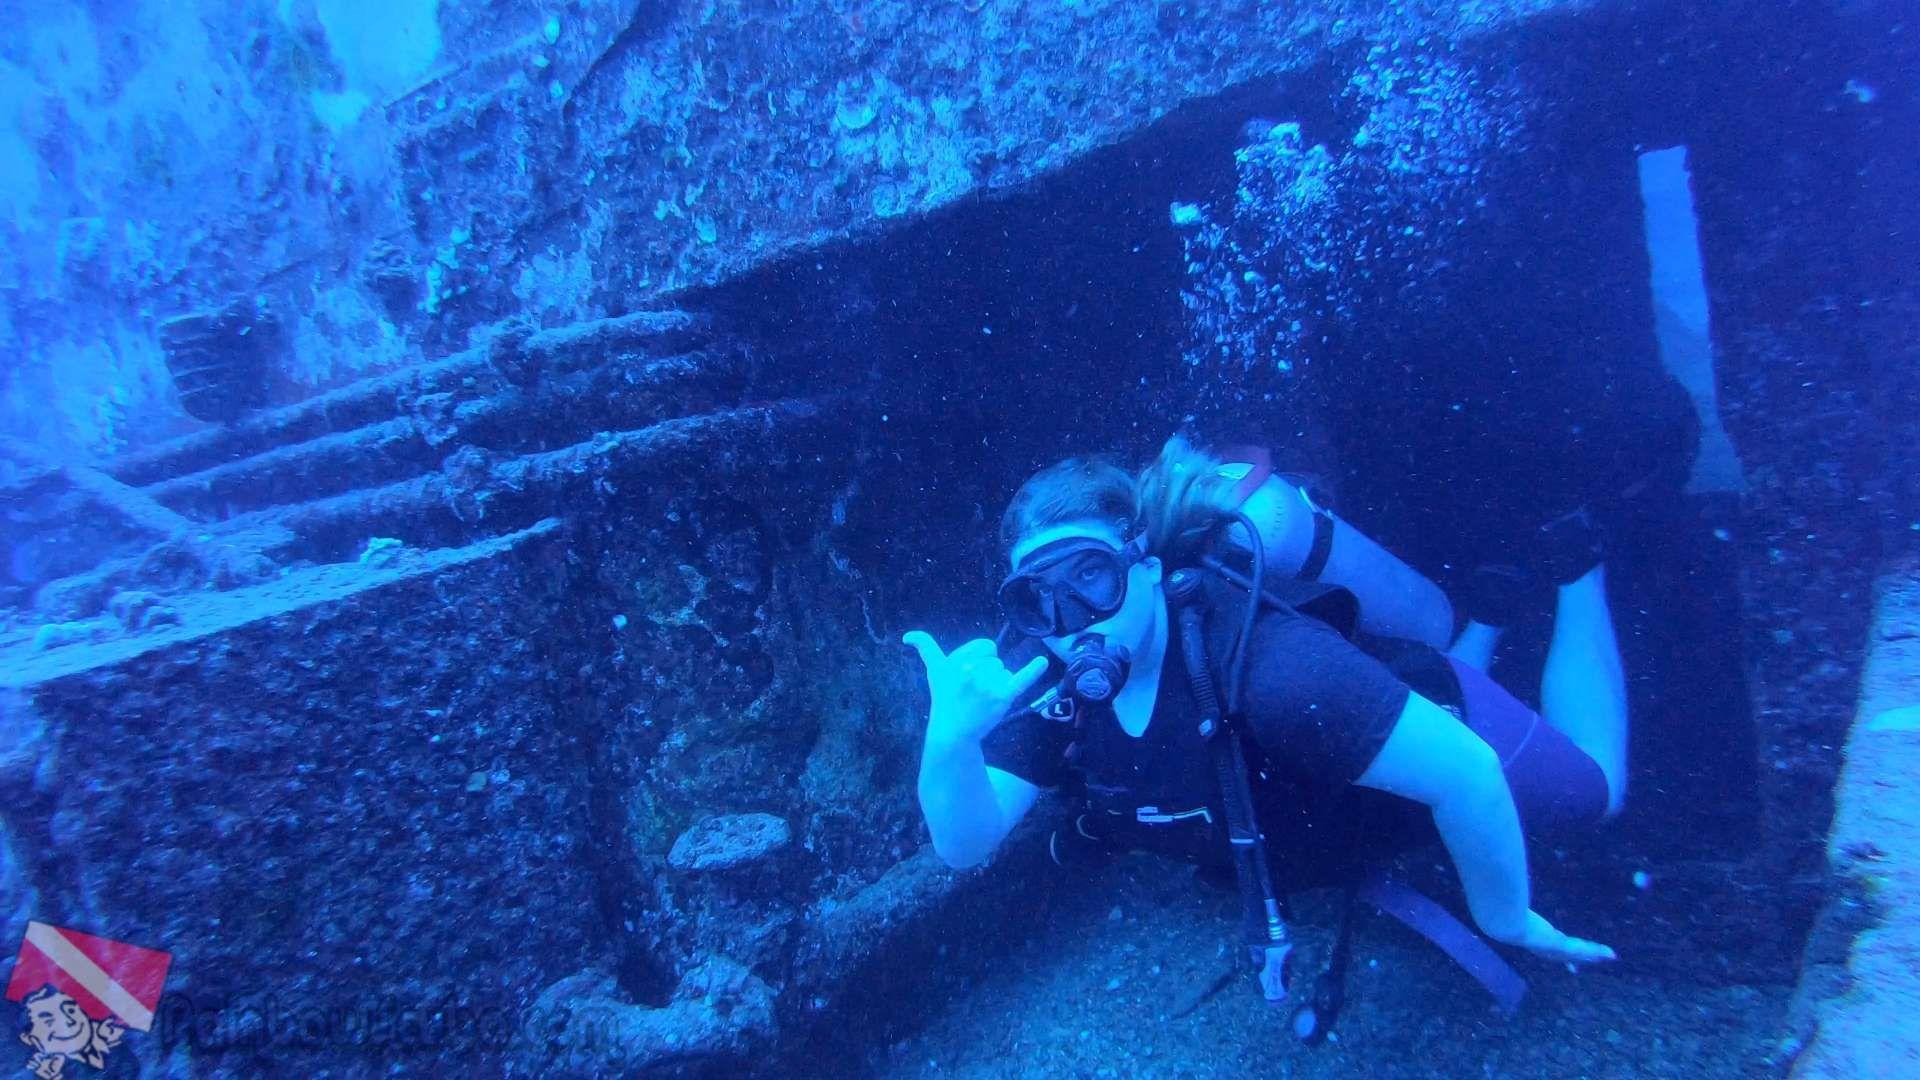 PADI certification course Scuba diving courses, Scuba